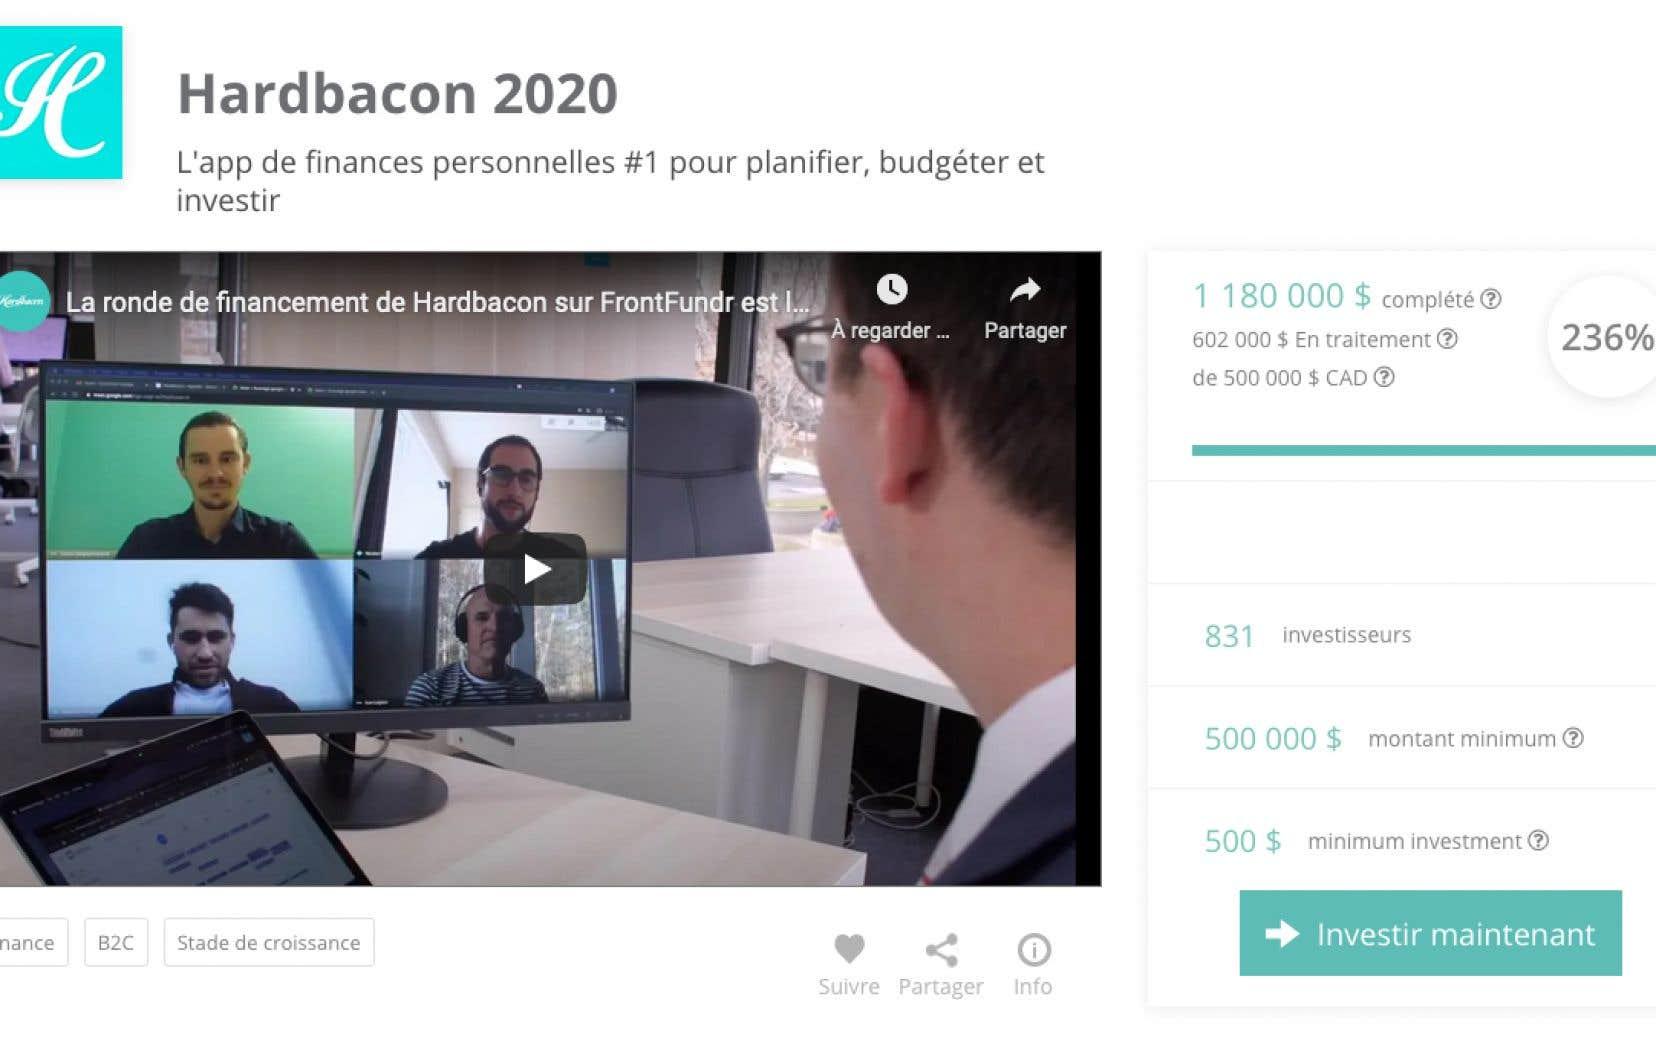 Hardbacon est l'une des rares entreprises à se tourner vers le financement participatif en capital pour ses levées de fonds.